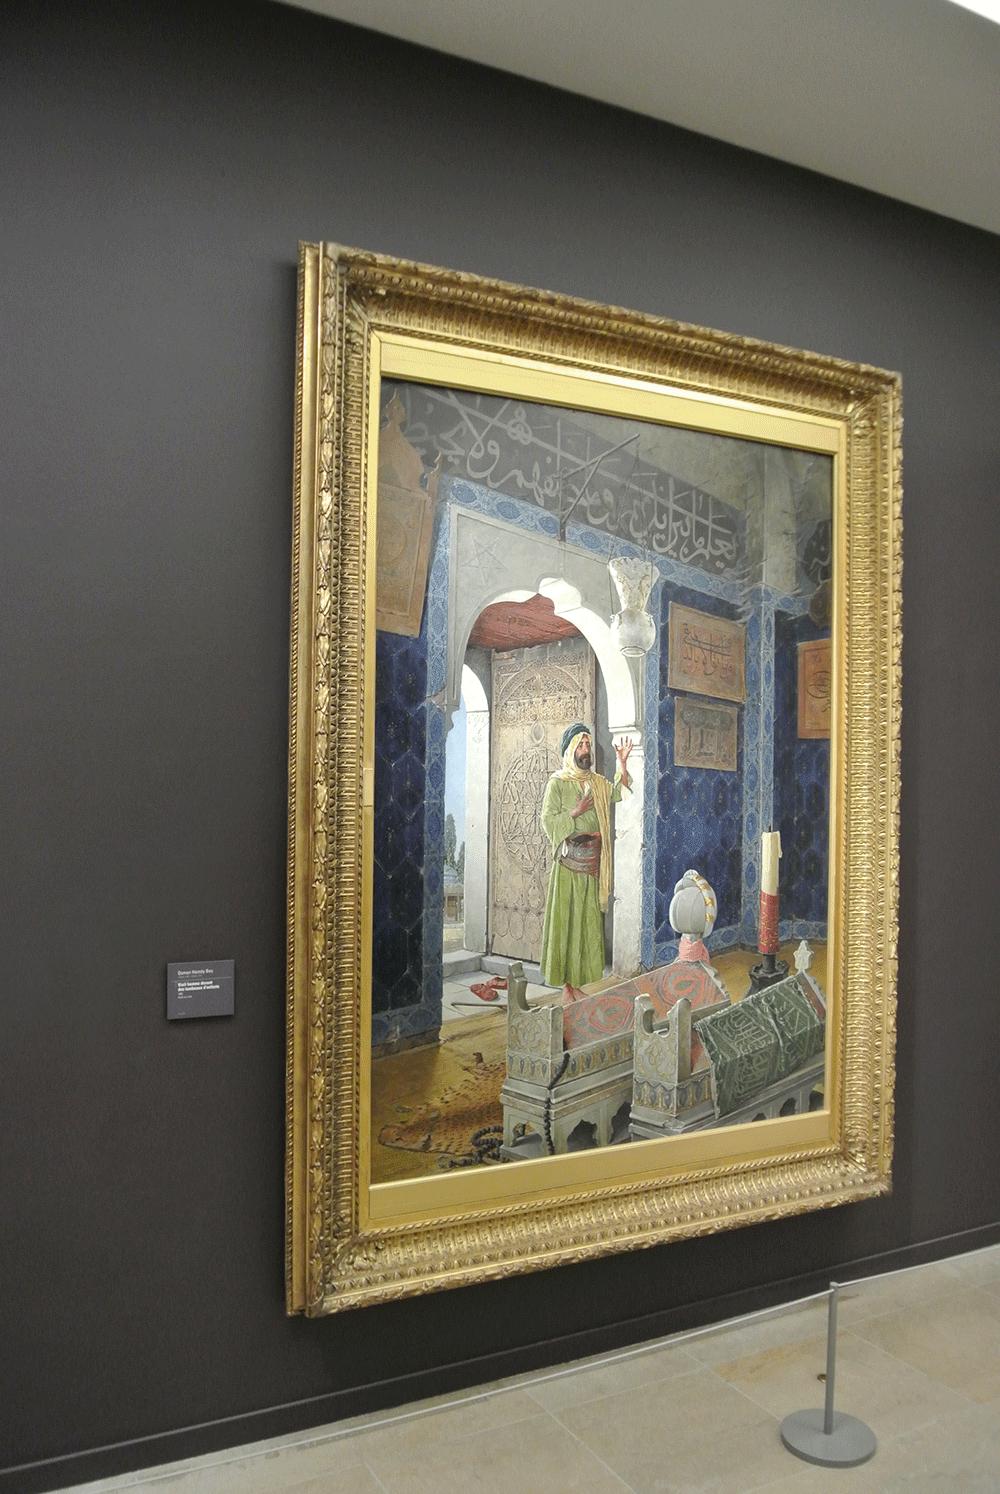 Osman Hamdi Bey, Şehzade Türbesinde Derviş tablosu